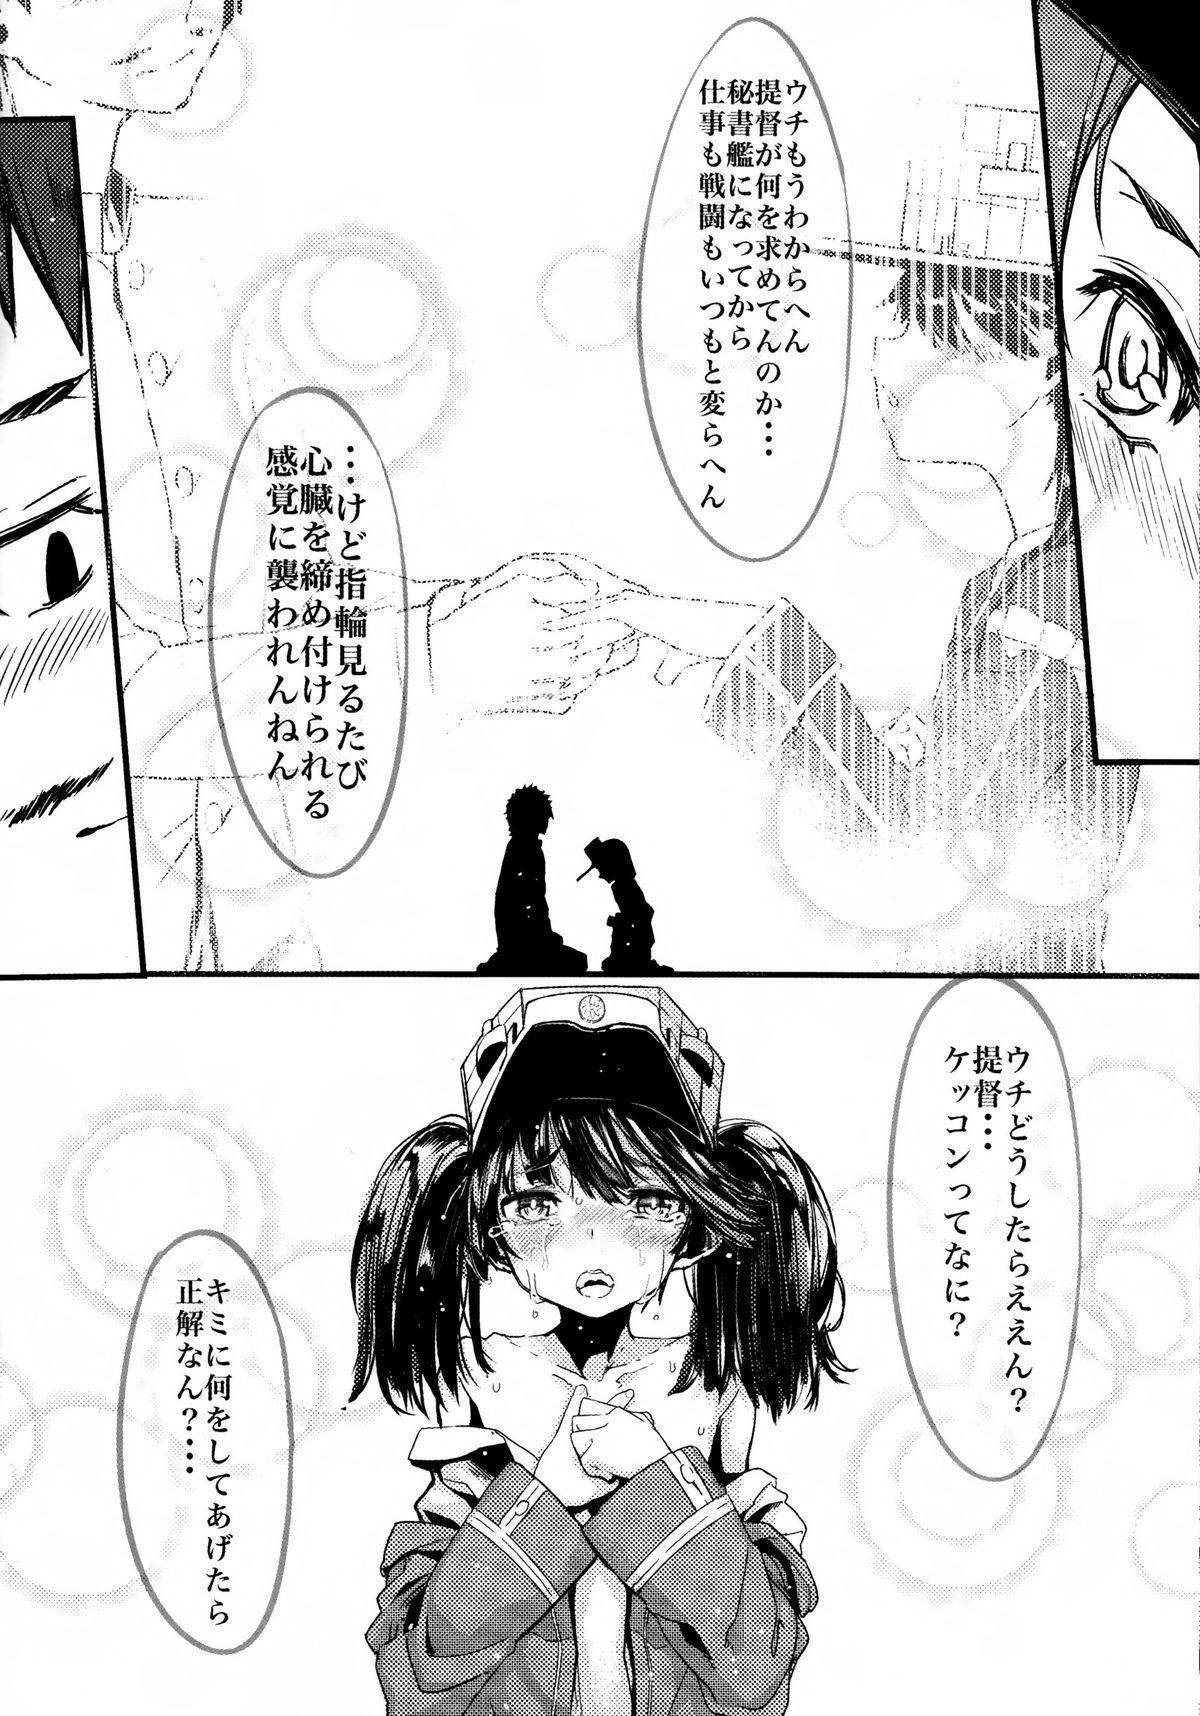 Ryuujou to Junai shi Taosu Hon 8